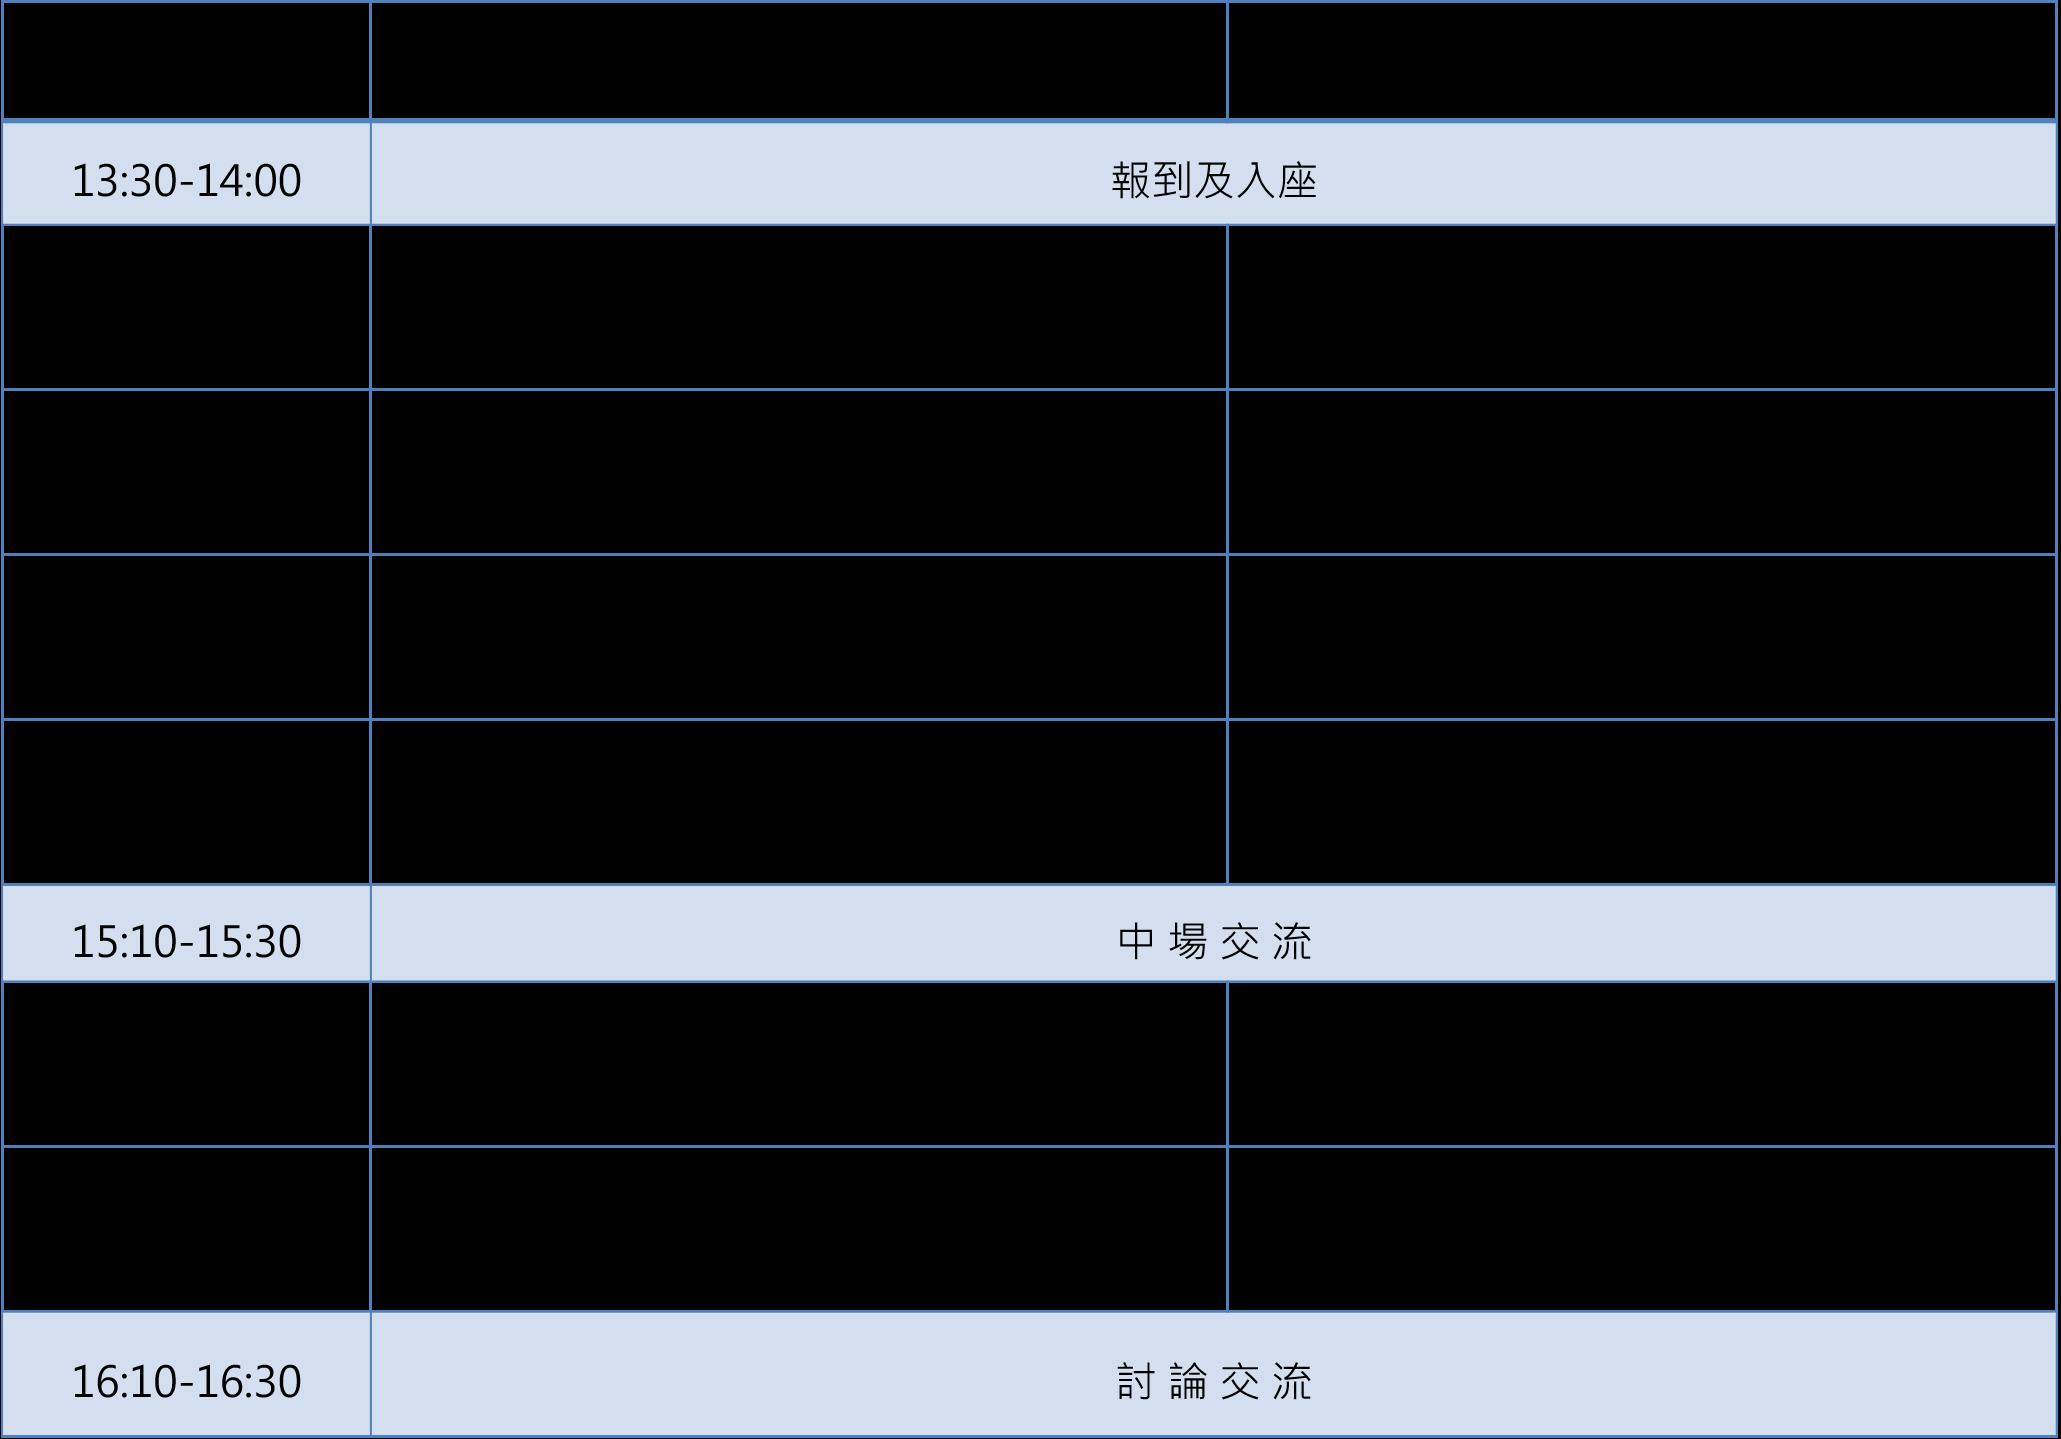 12/5 迎接5G~物聯網應用服務商的挑戰與機會